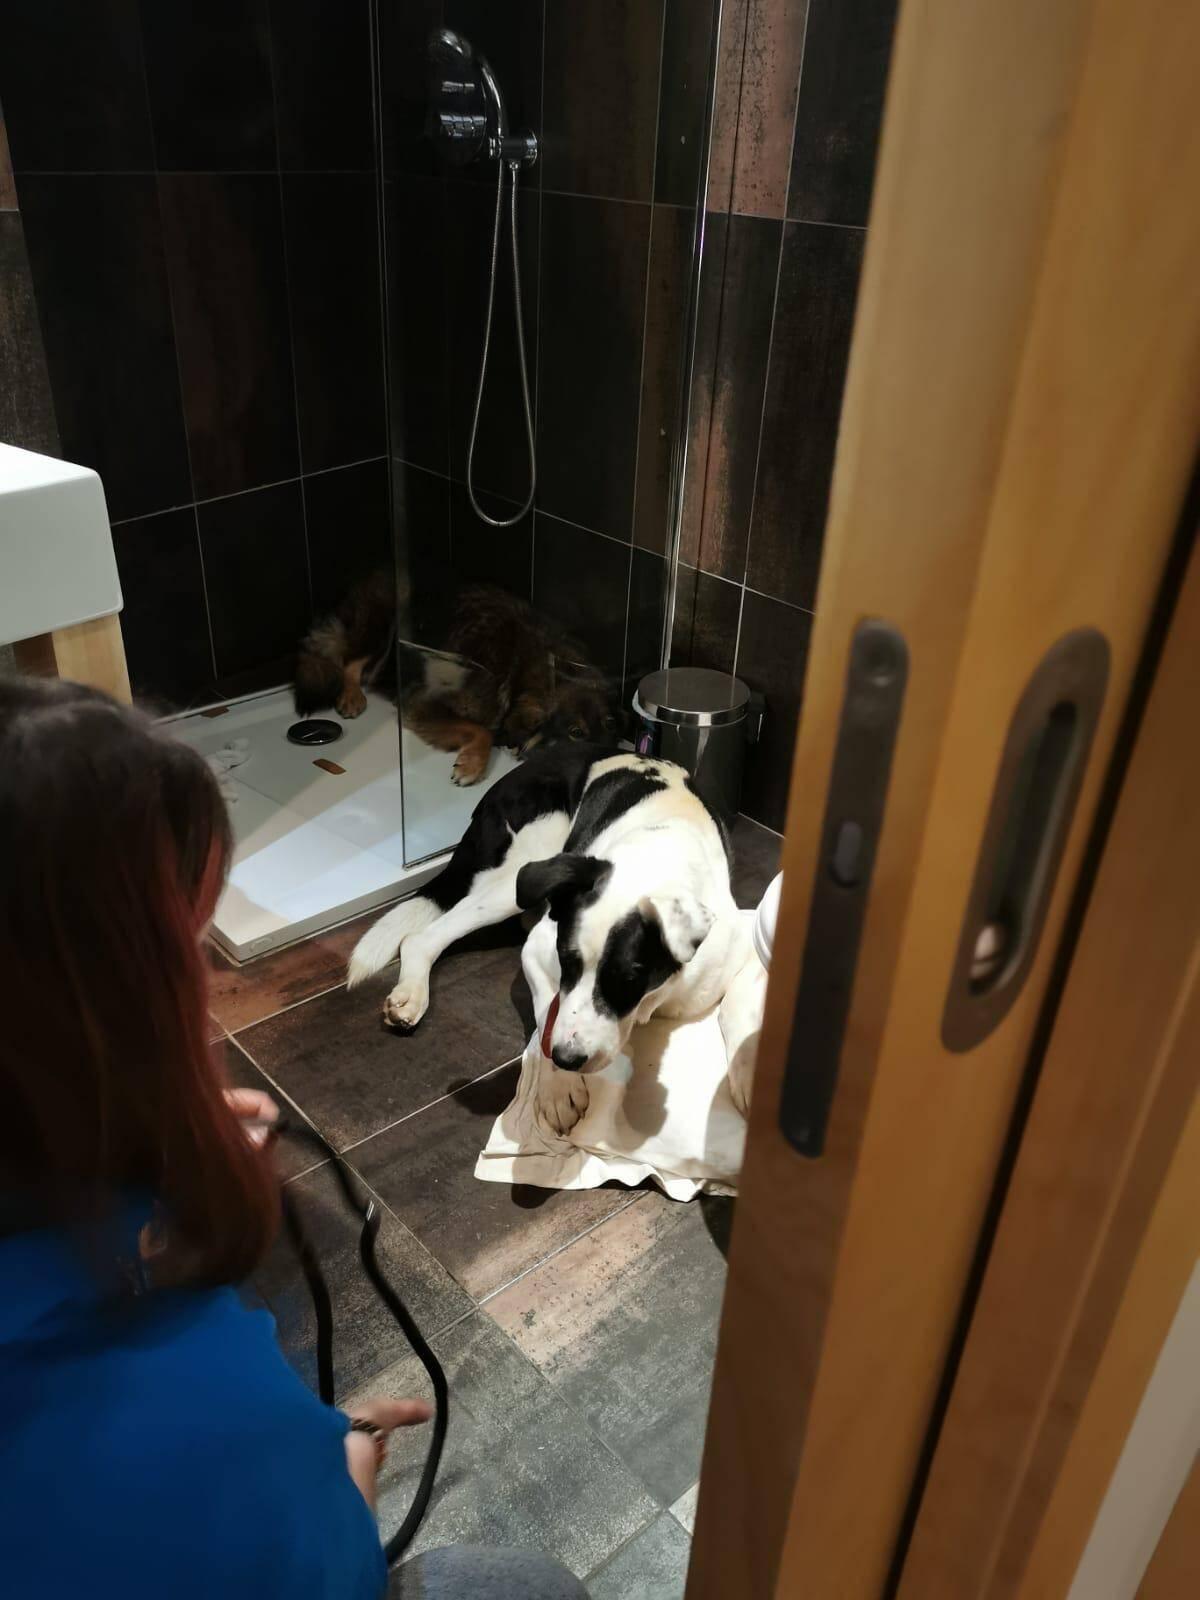 Avril 2020: Sedji et Hope, deux gros chiens enfermés dans des cages à chat par leur maîtresse, une prostituée vivant dans un hôtel à Cagnes-sur-Mer. Ils ont été placés dans une famille d'accueil qui va les adopter.